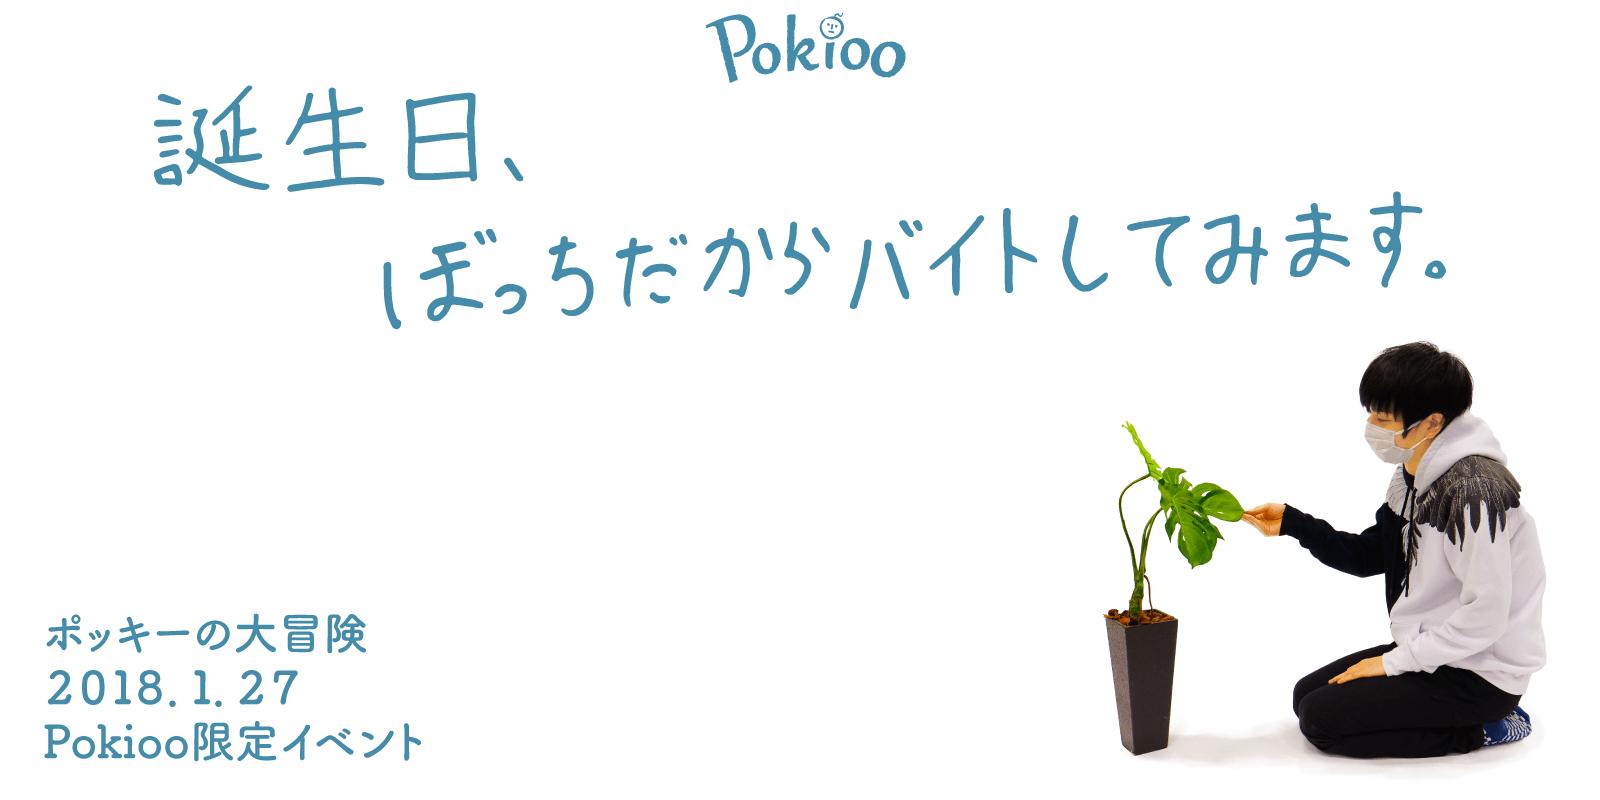 誕生日ぼっちだからバイトしてみます。ポッキーの大冒険 Pokioo限定イベント